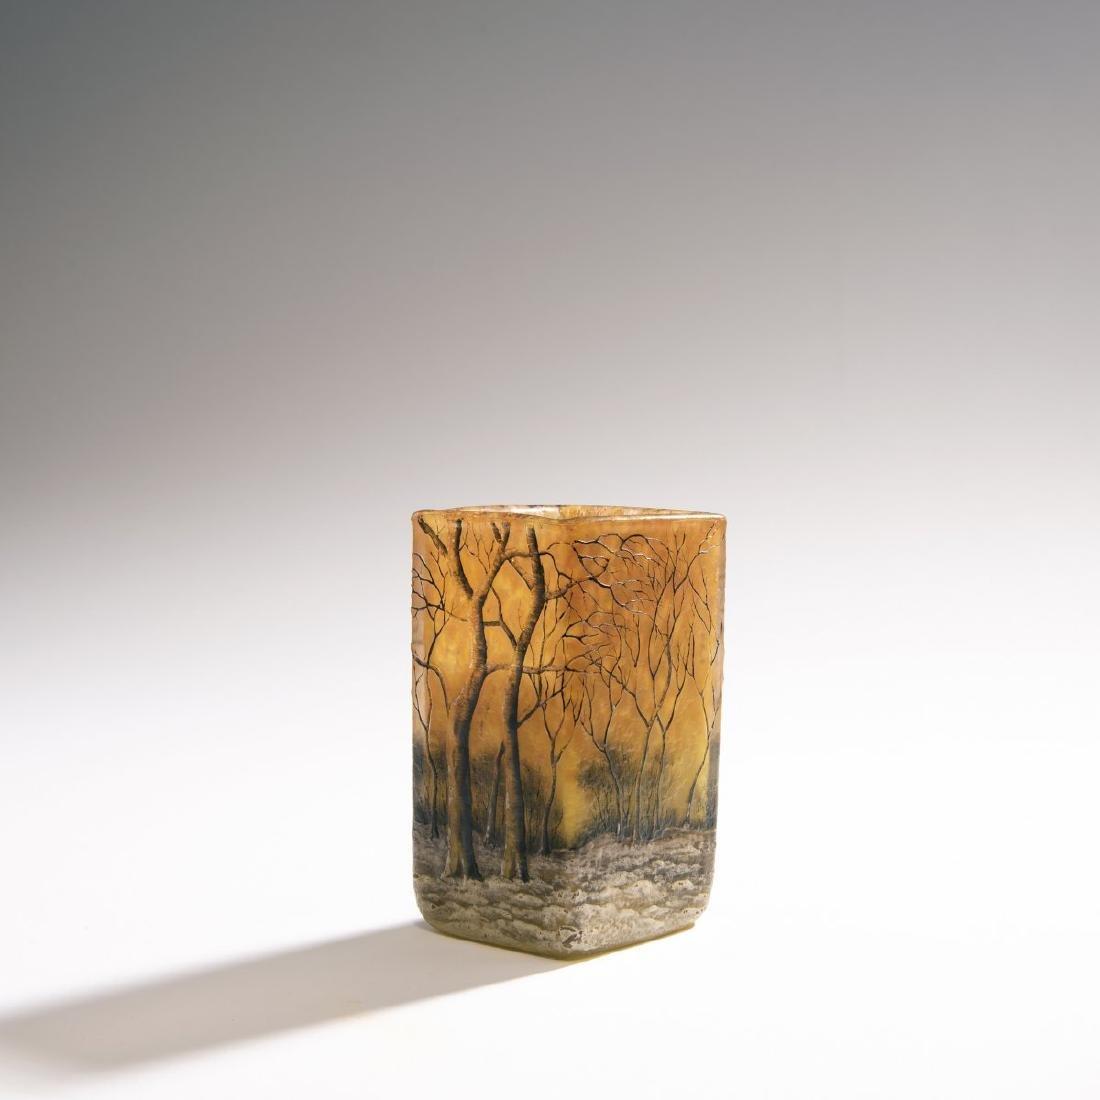 Daum Freres, 'Crepuscule Neige' vase, 1900-05